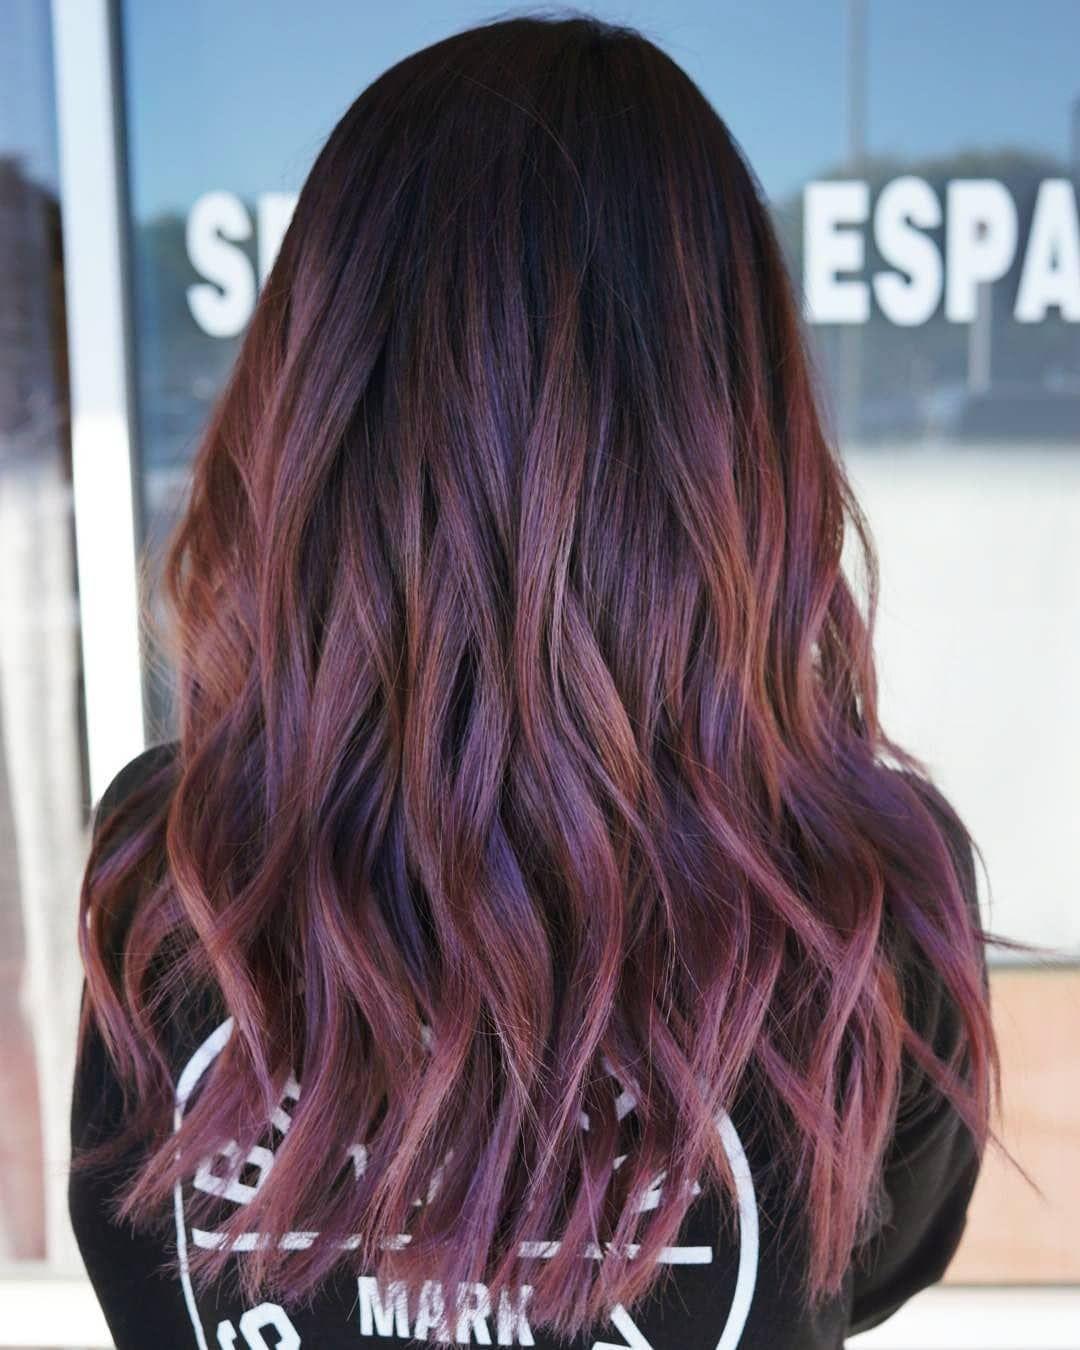 موضة قصات و صبغات شعر 2019 الوان صبغات شعر 2019 Fashion Hairstyles And Dyes 2019 Colors Hair Dy Brown Ombre Hair Purple Ombre Hair Best Ombre Hair